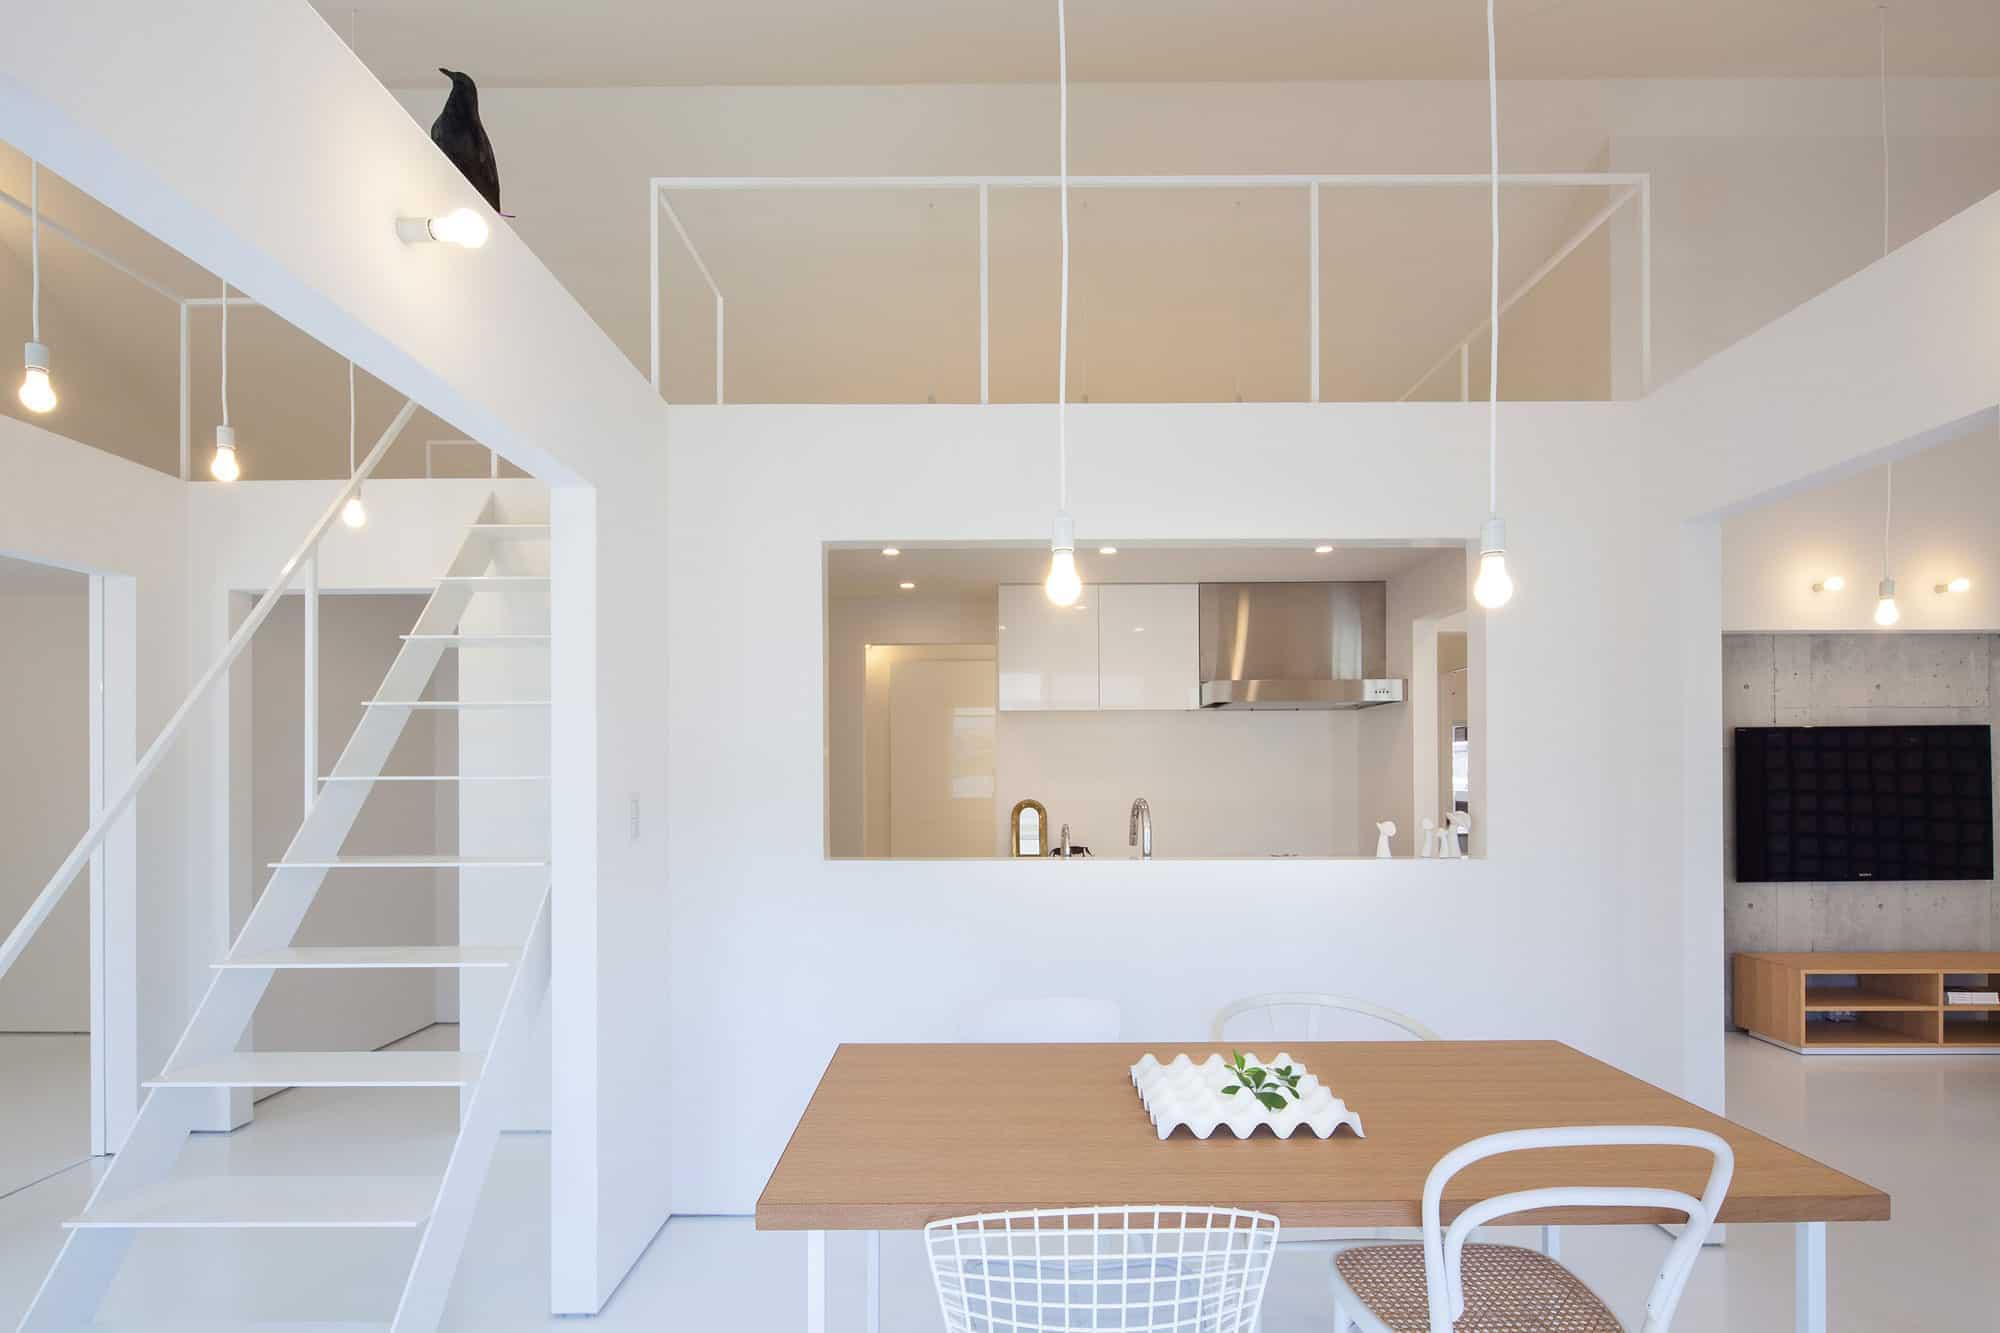 House in Takamatsu by Yasunari Tsukada Design (4)